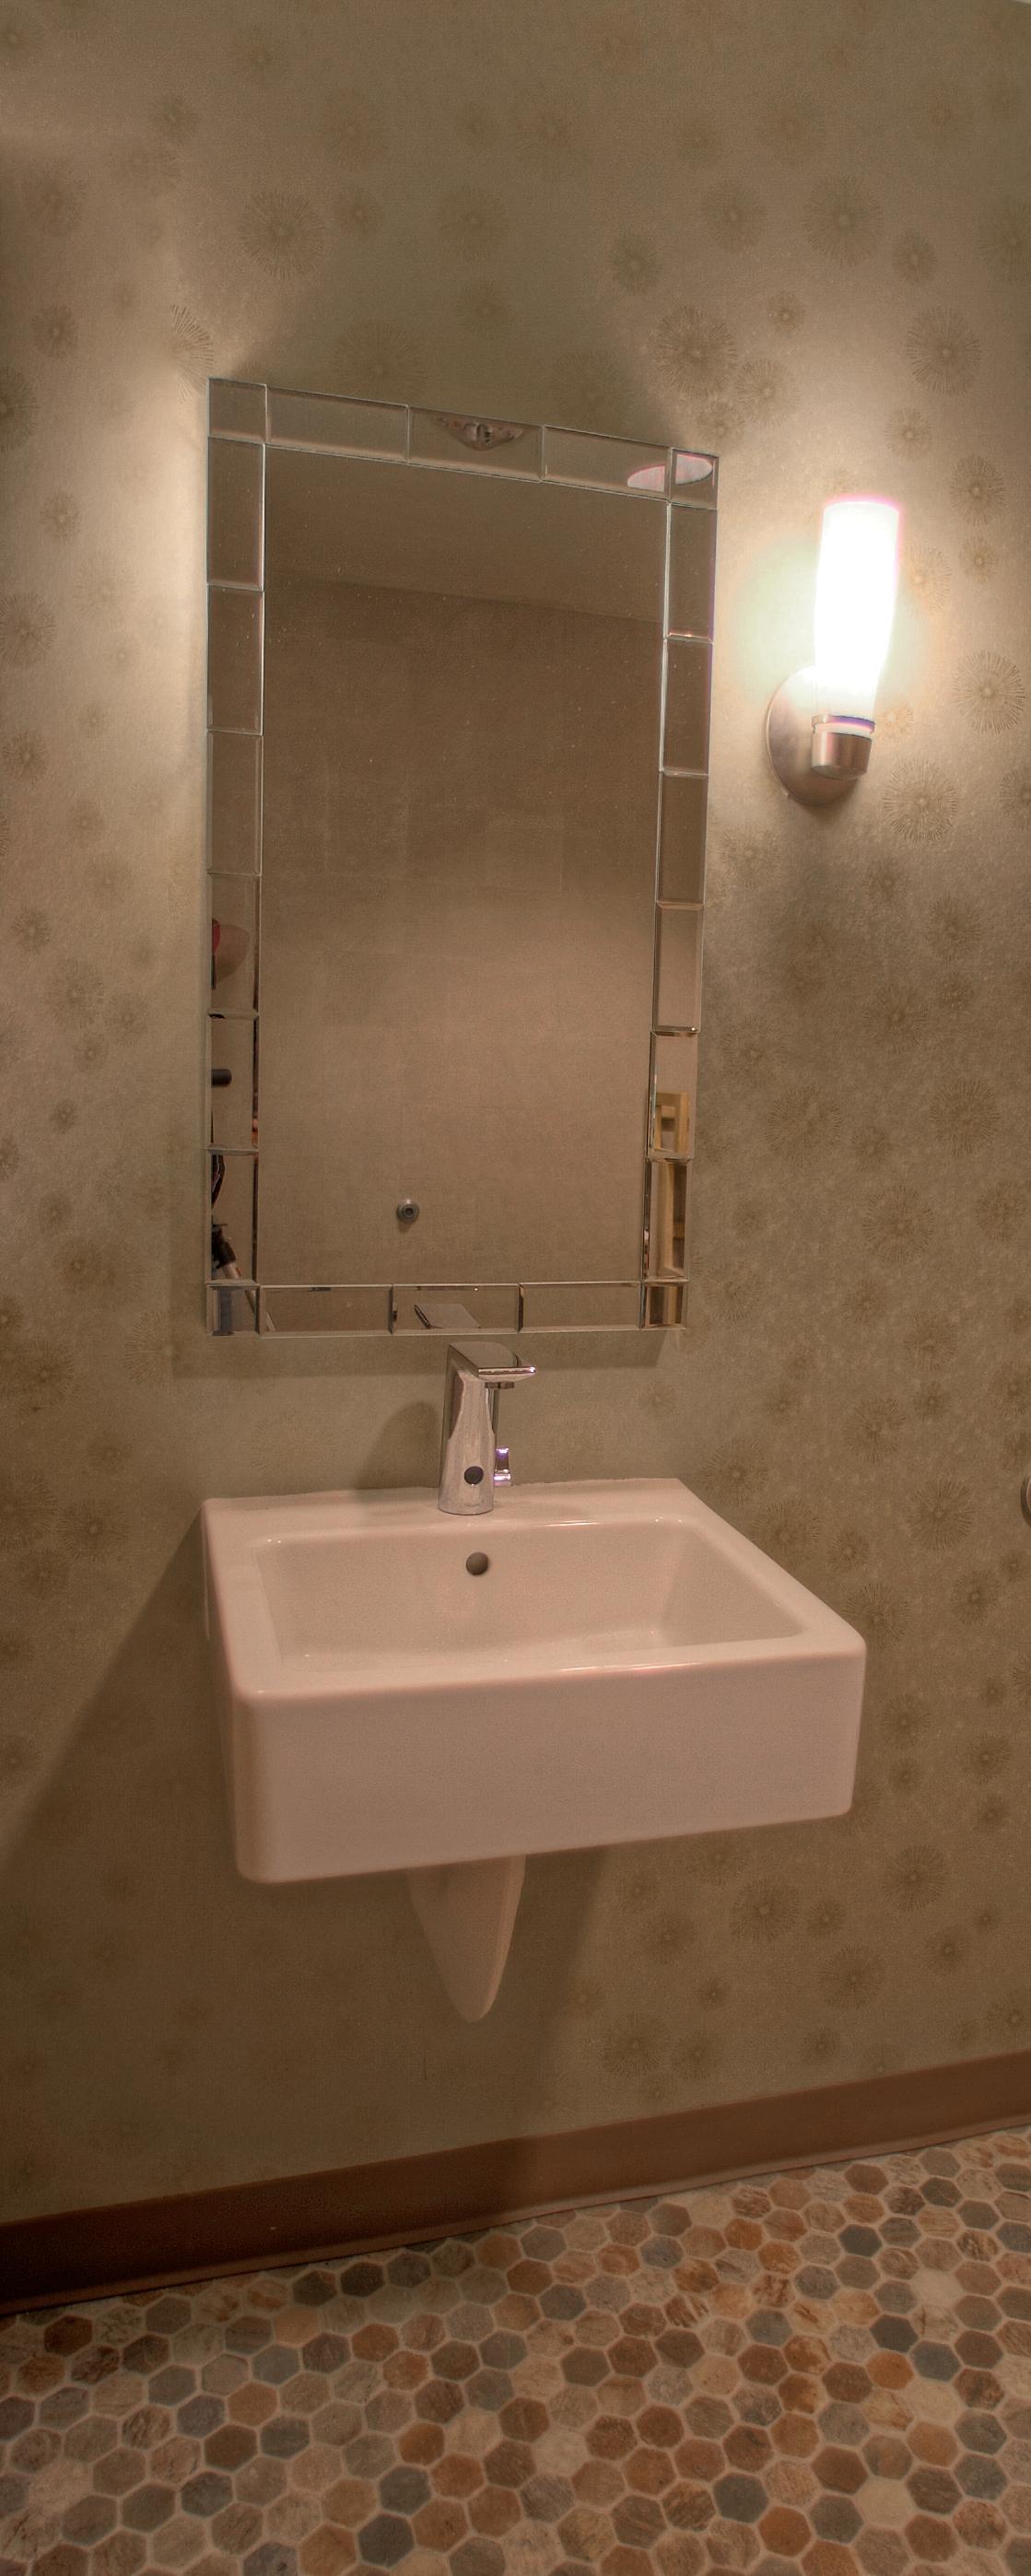 Bathroom Fixture Detail